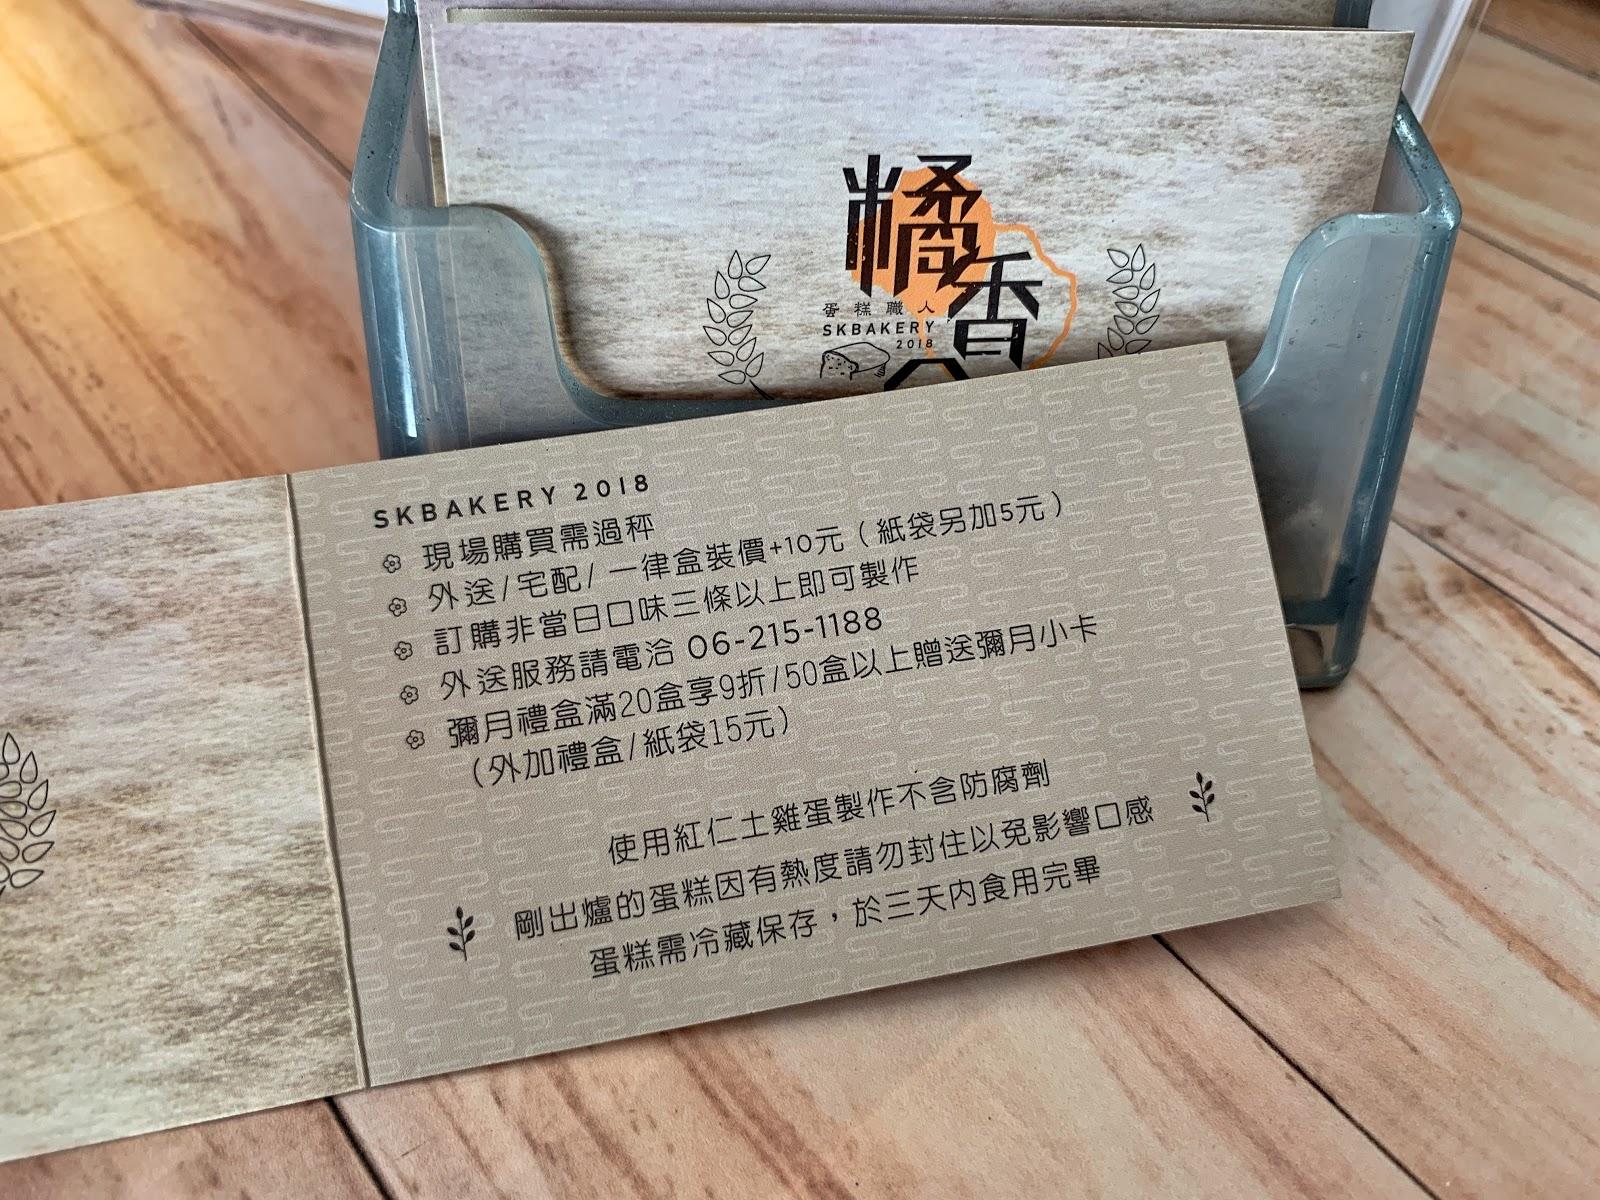 台南中西區美食【橘香合-蛋糕職人】菜單訂購資訊